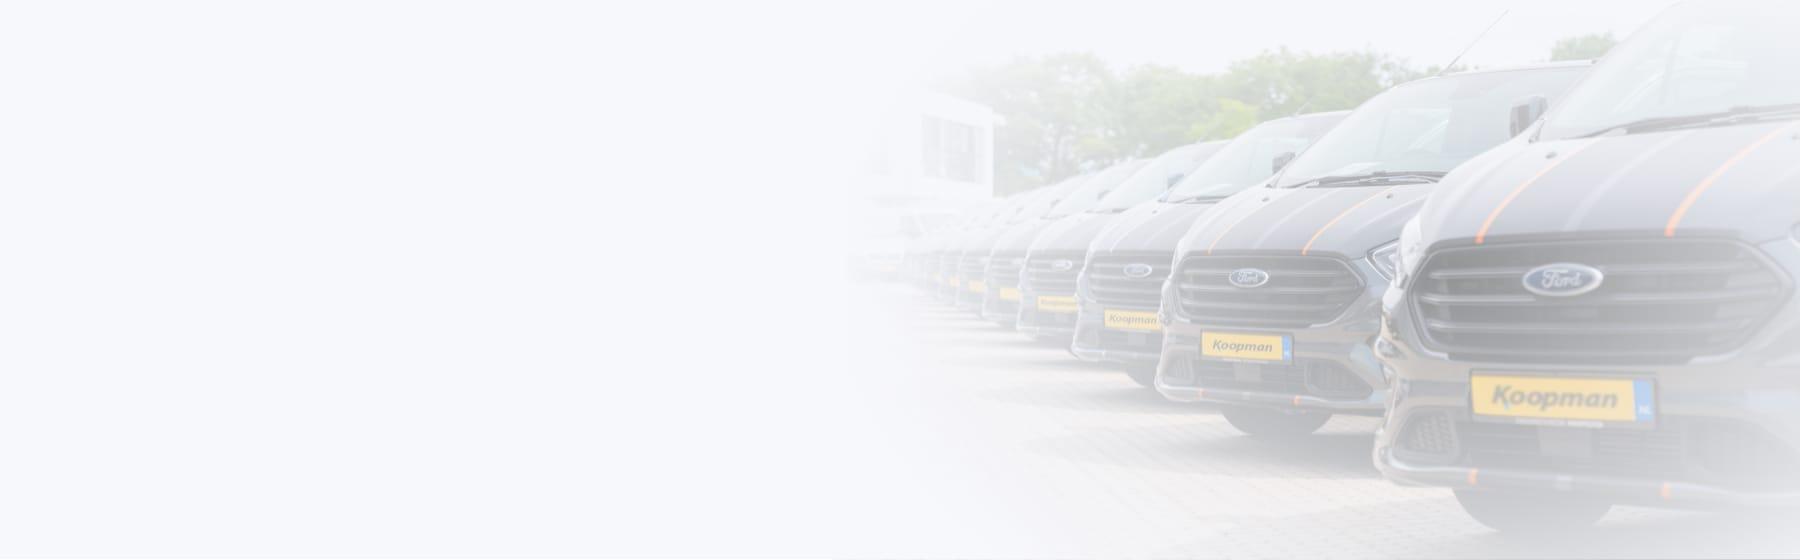 Koopman Bedrijfswagens